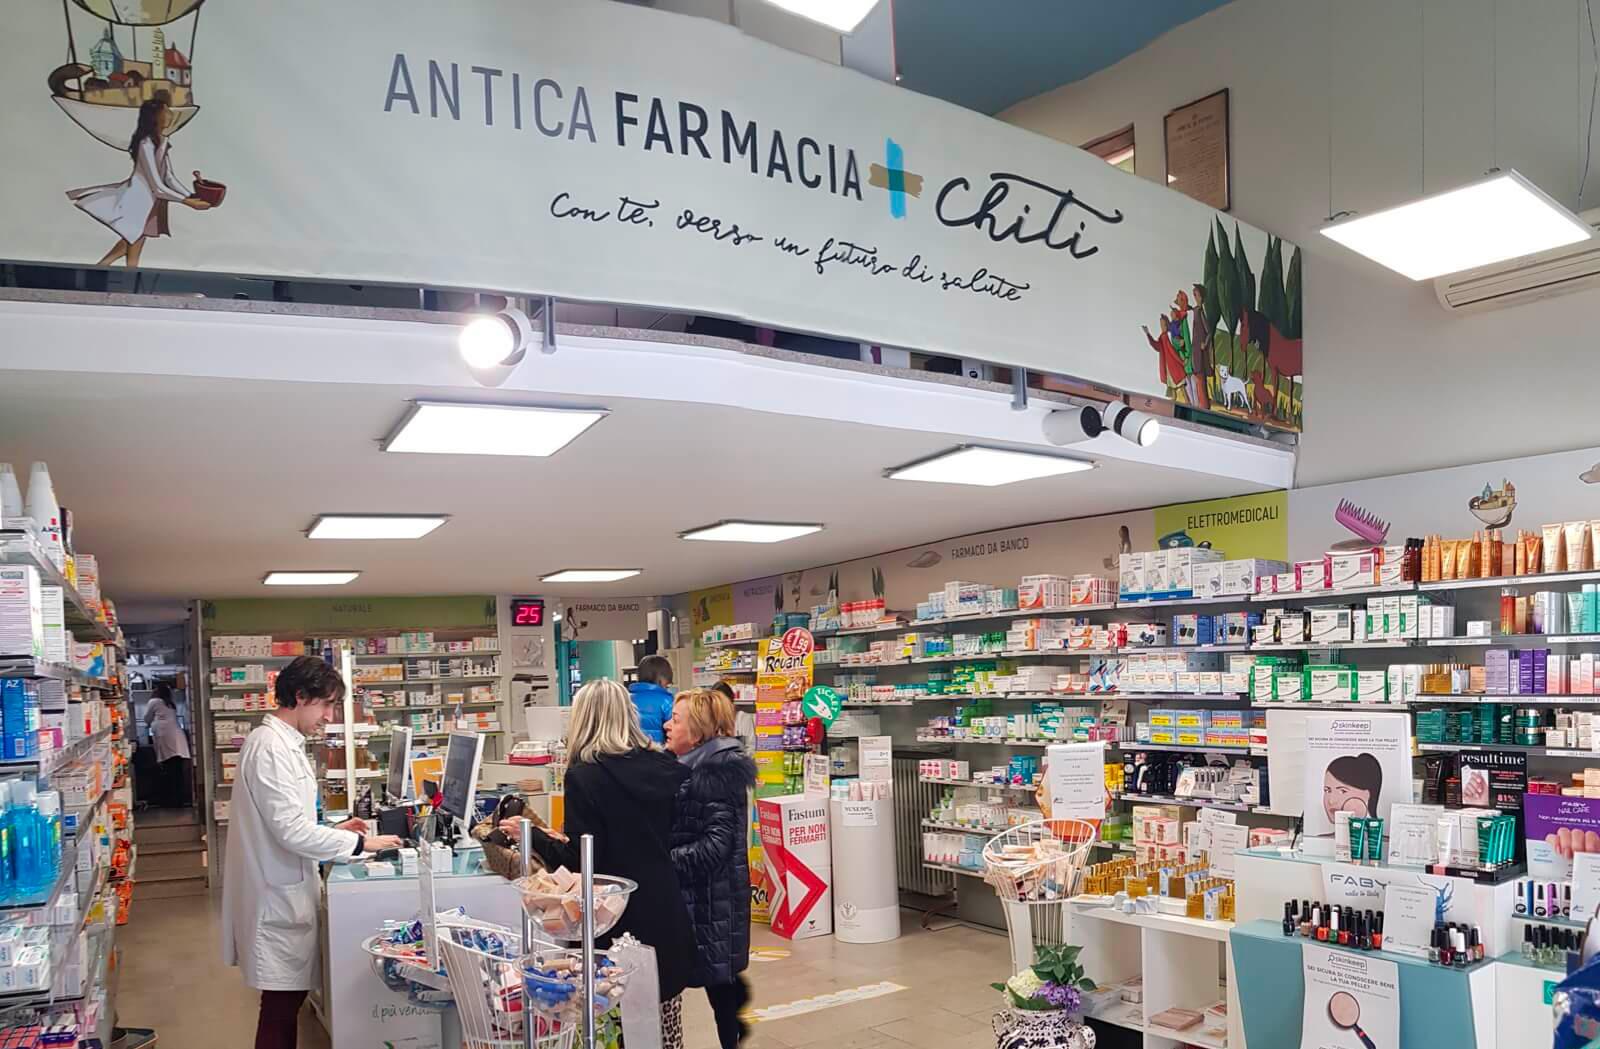 Antica Farmacia Chiti Pistoia. Prodotti selezionati e preparazioni naturali per Fitoterapia, Nutraceutica, Dermocosmesi, Veterinaria. Siamo specializzati in prodotti per la bellezza ed il benessere della persona.